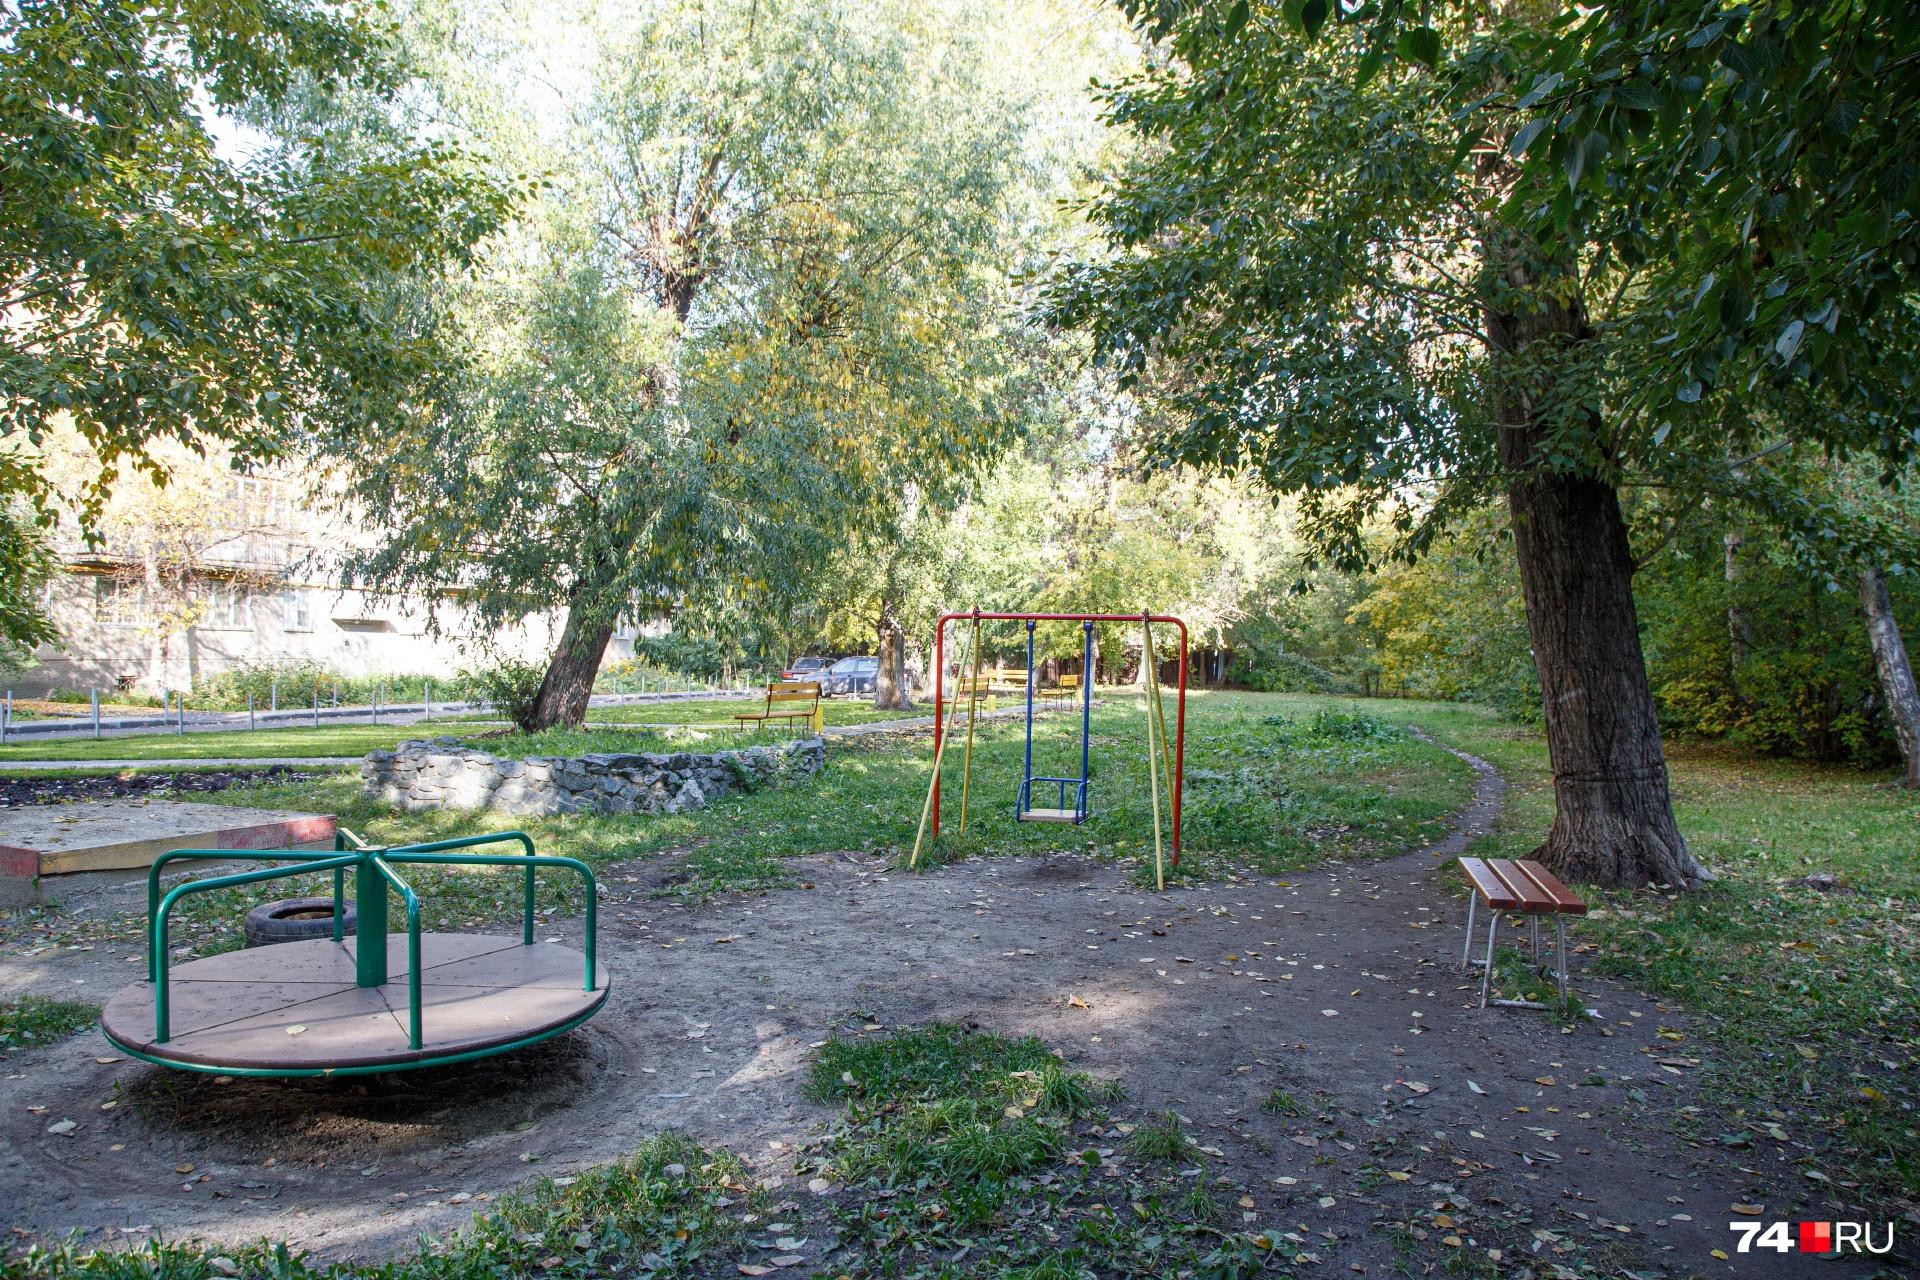 Благоустроить детскую площадку пока не получилось. Она во дворе есть, но к дому как бы не относится